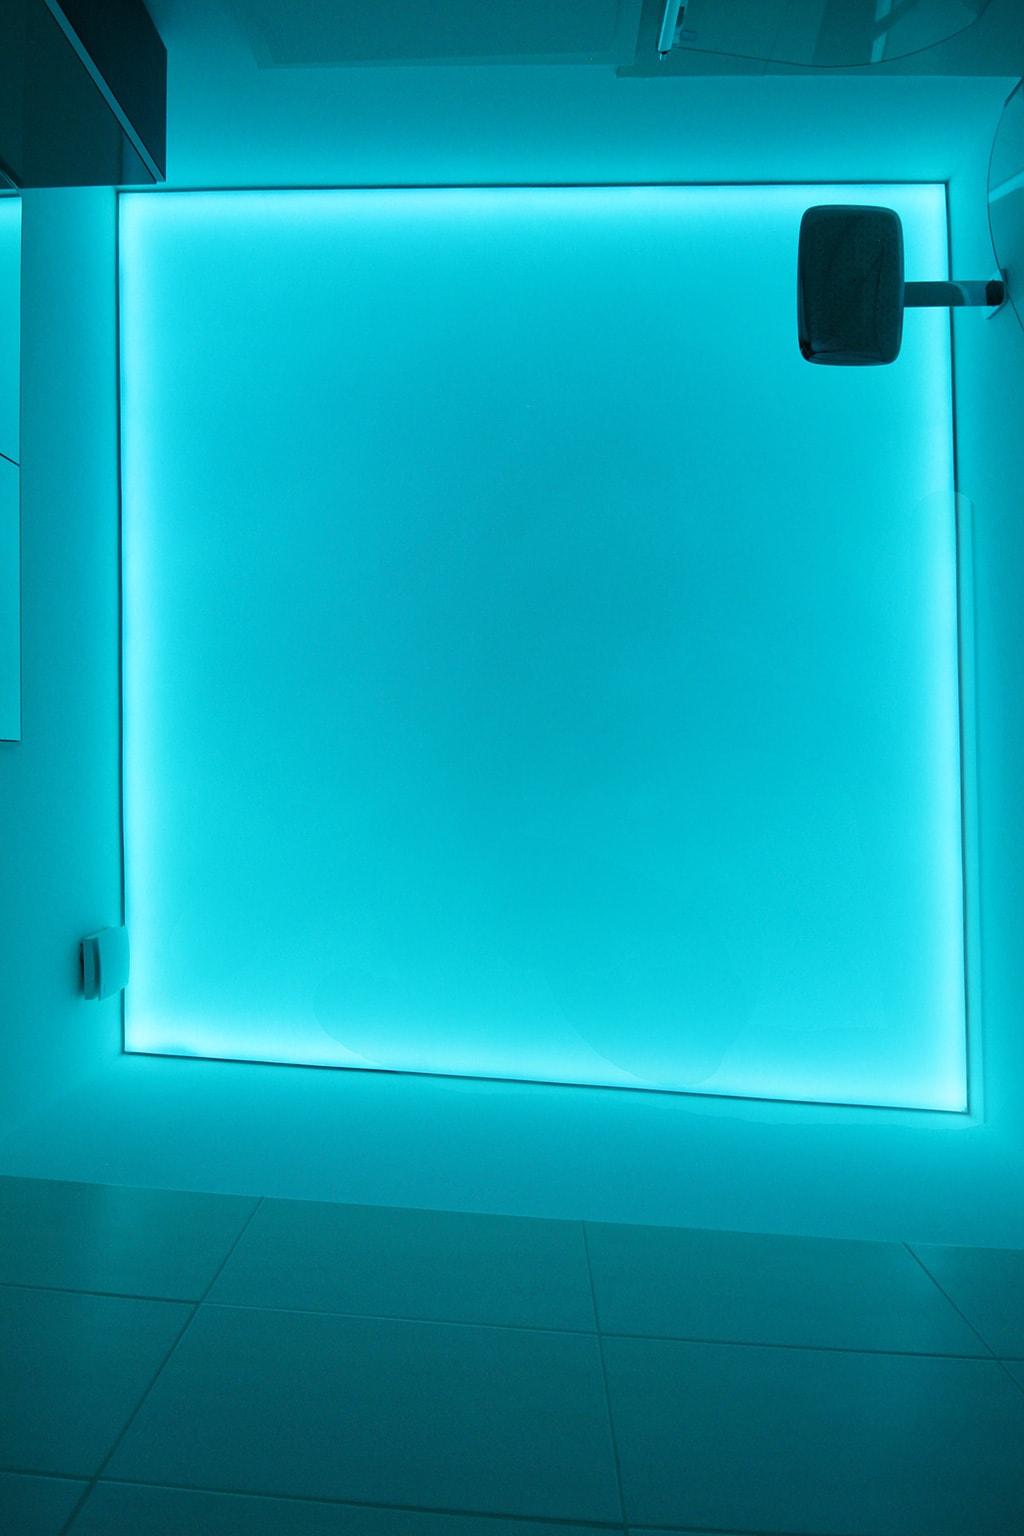 Leuchtdecke rechteckig mit blauer leuchte